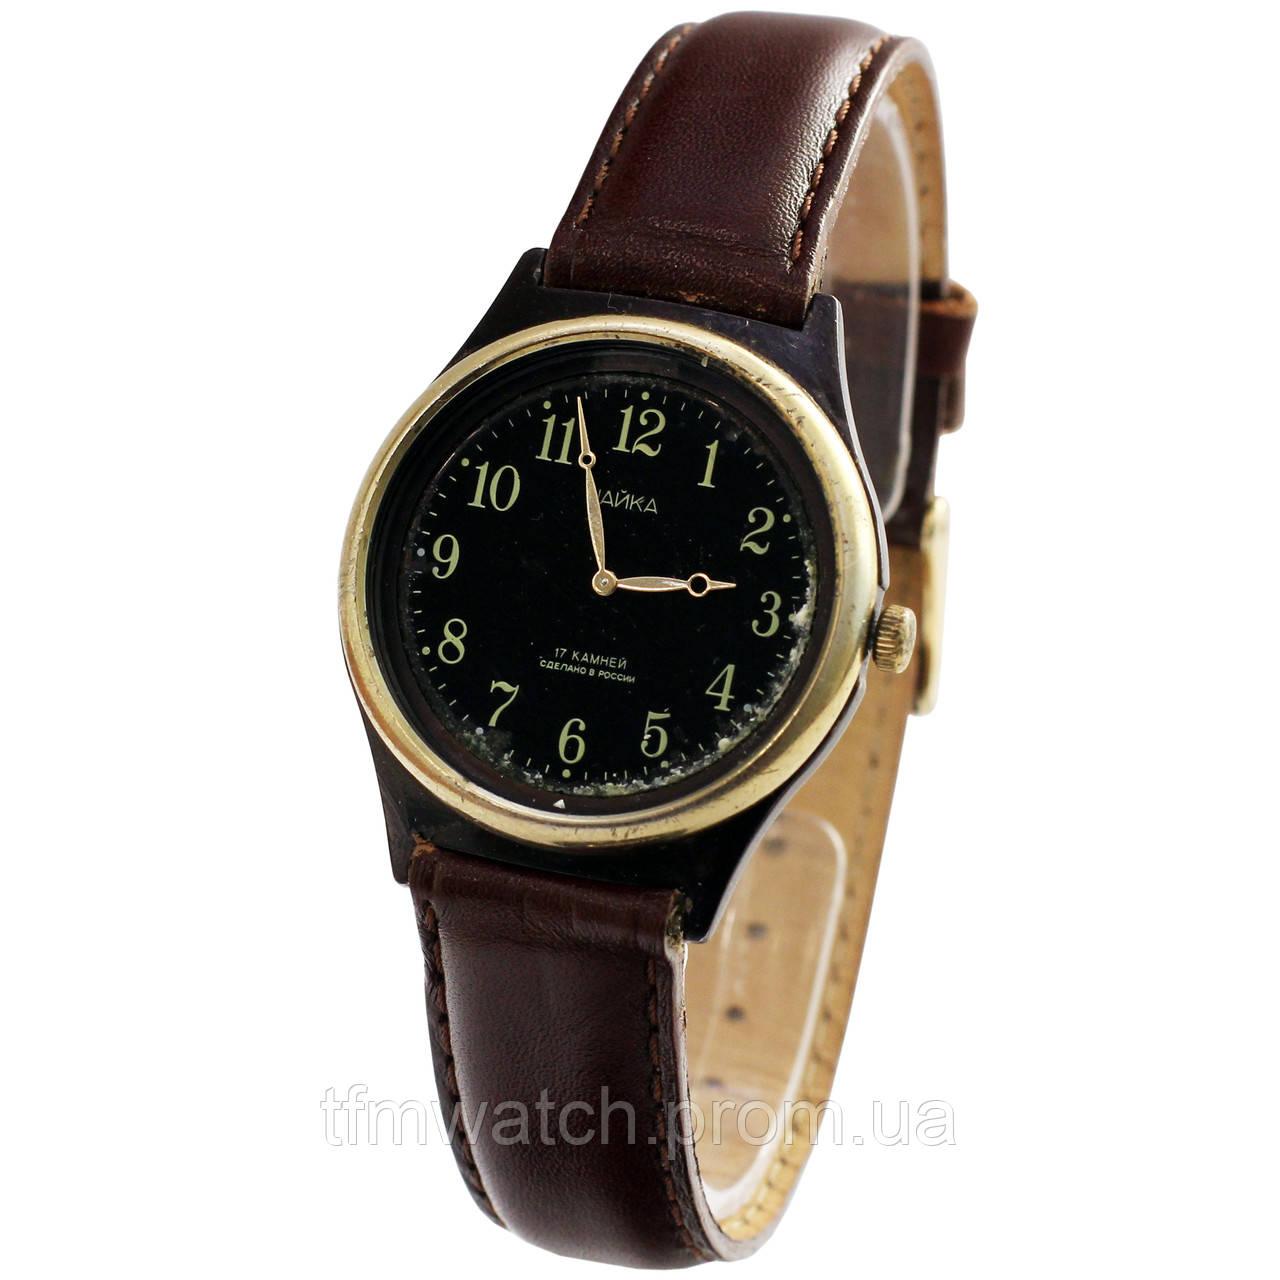 Часы камней в россии чайка 17 сделано продать советская часы работы в ельце ломбард улица